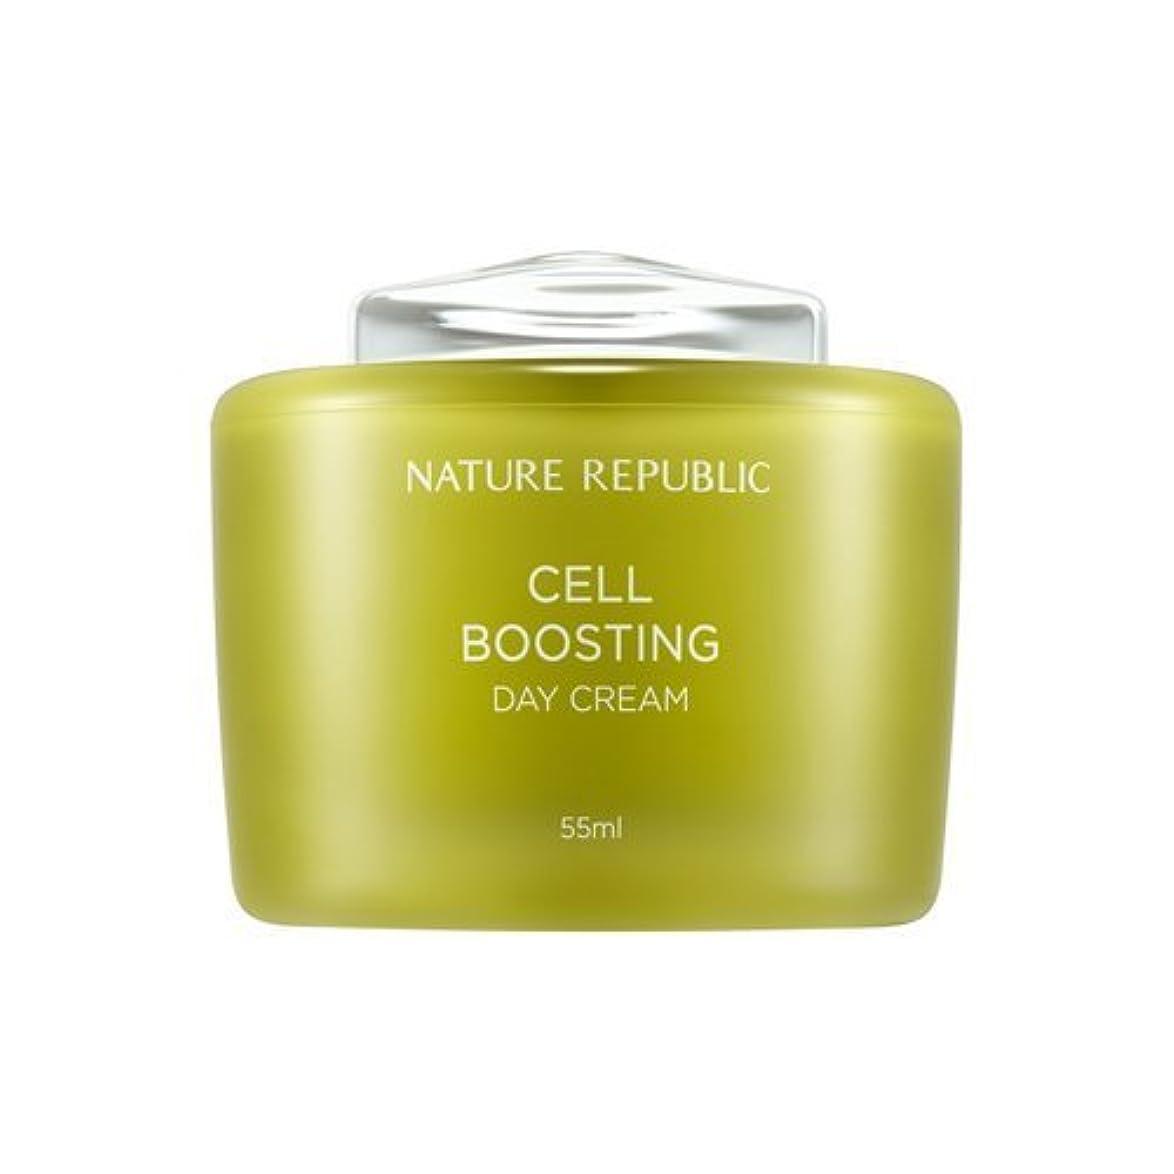 の中で逆さまに和解するNATUREREPUBLIC Cell boosting Day Cream